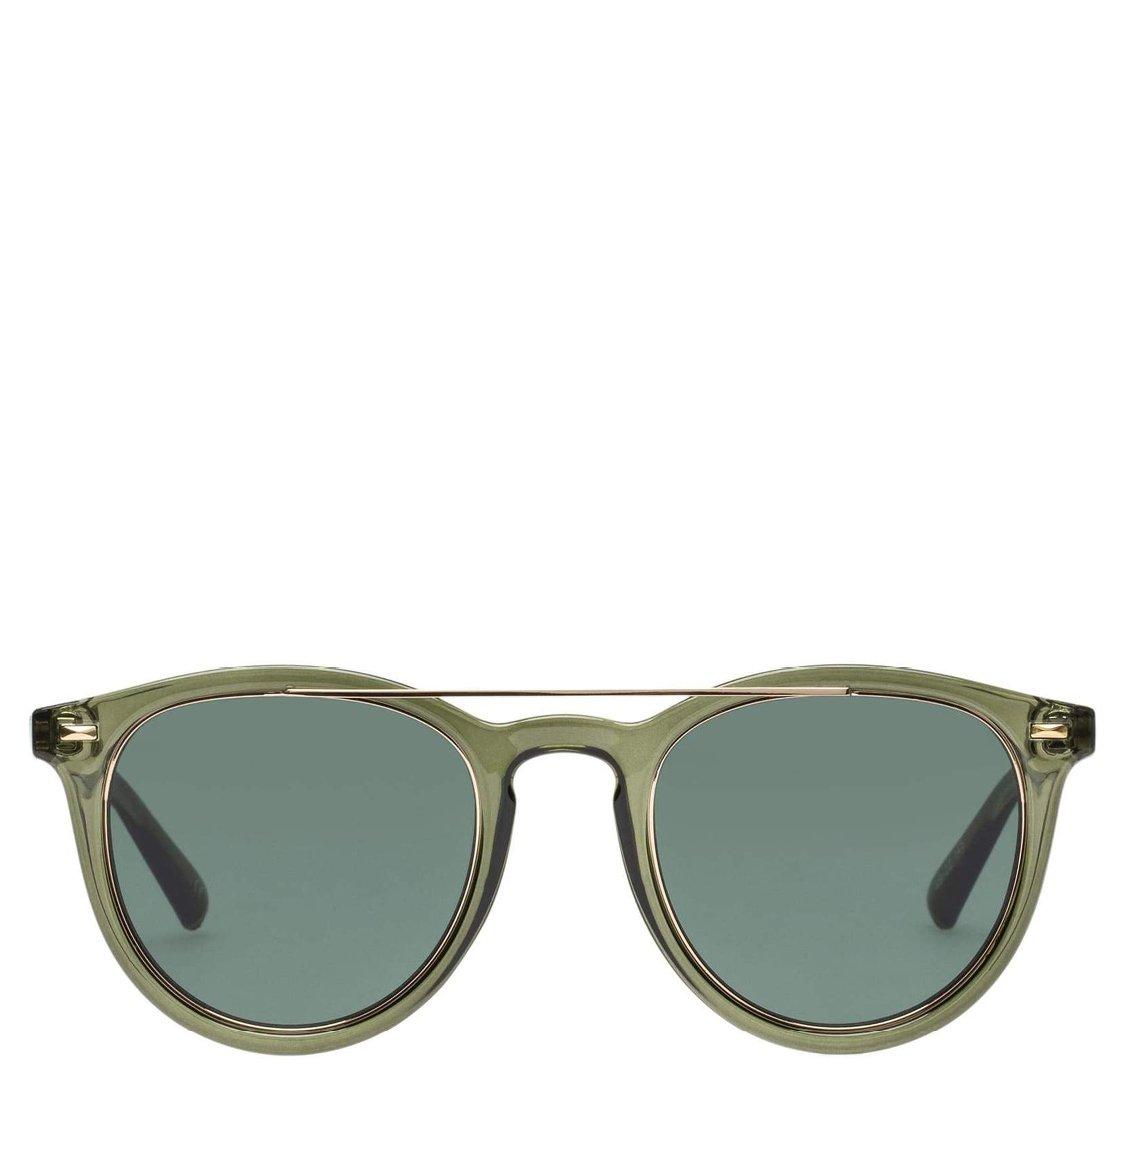 Le Specs Round Khaki Γυαλιά Ηλίου